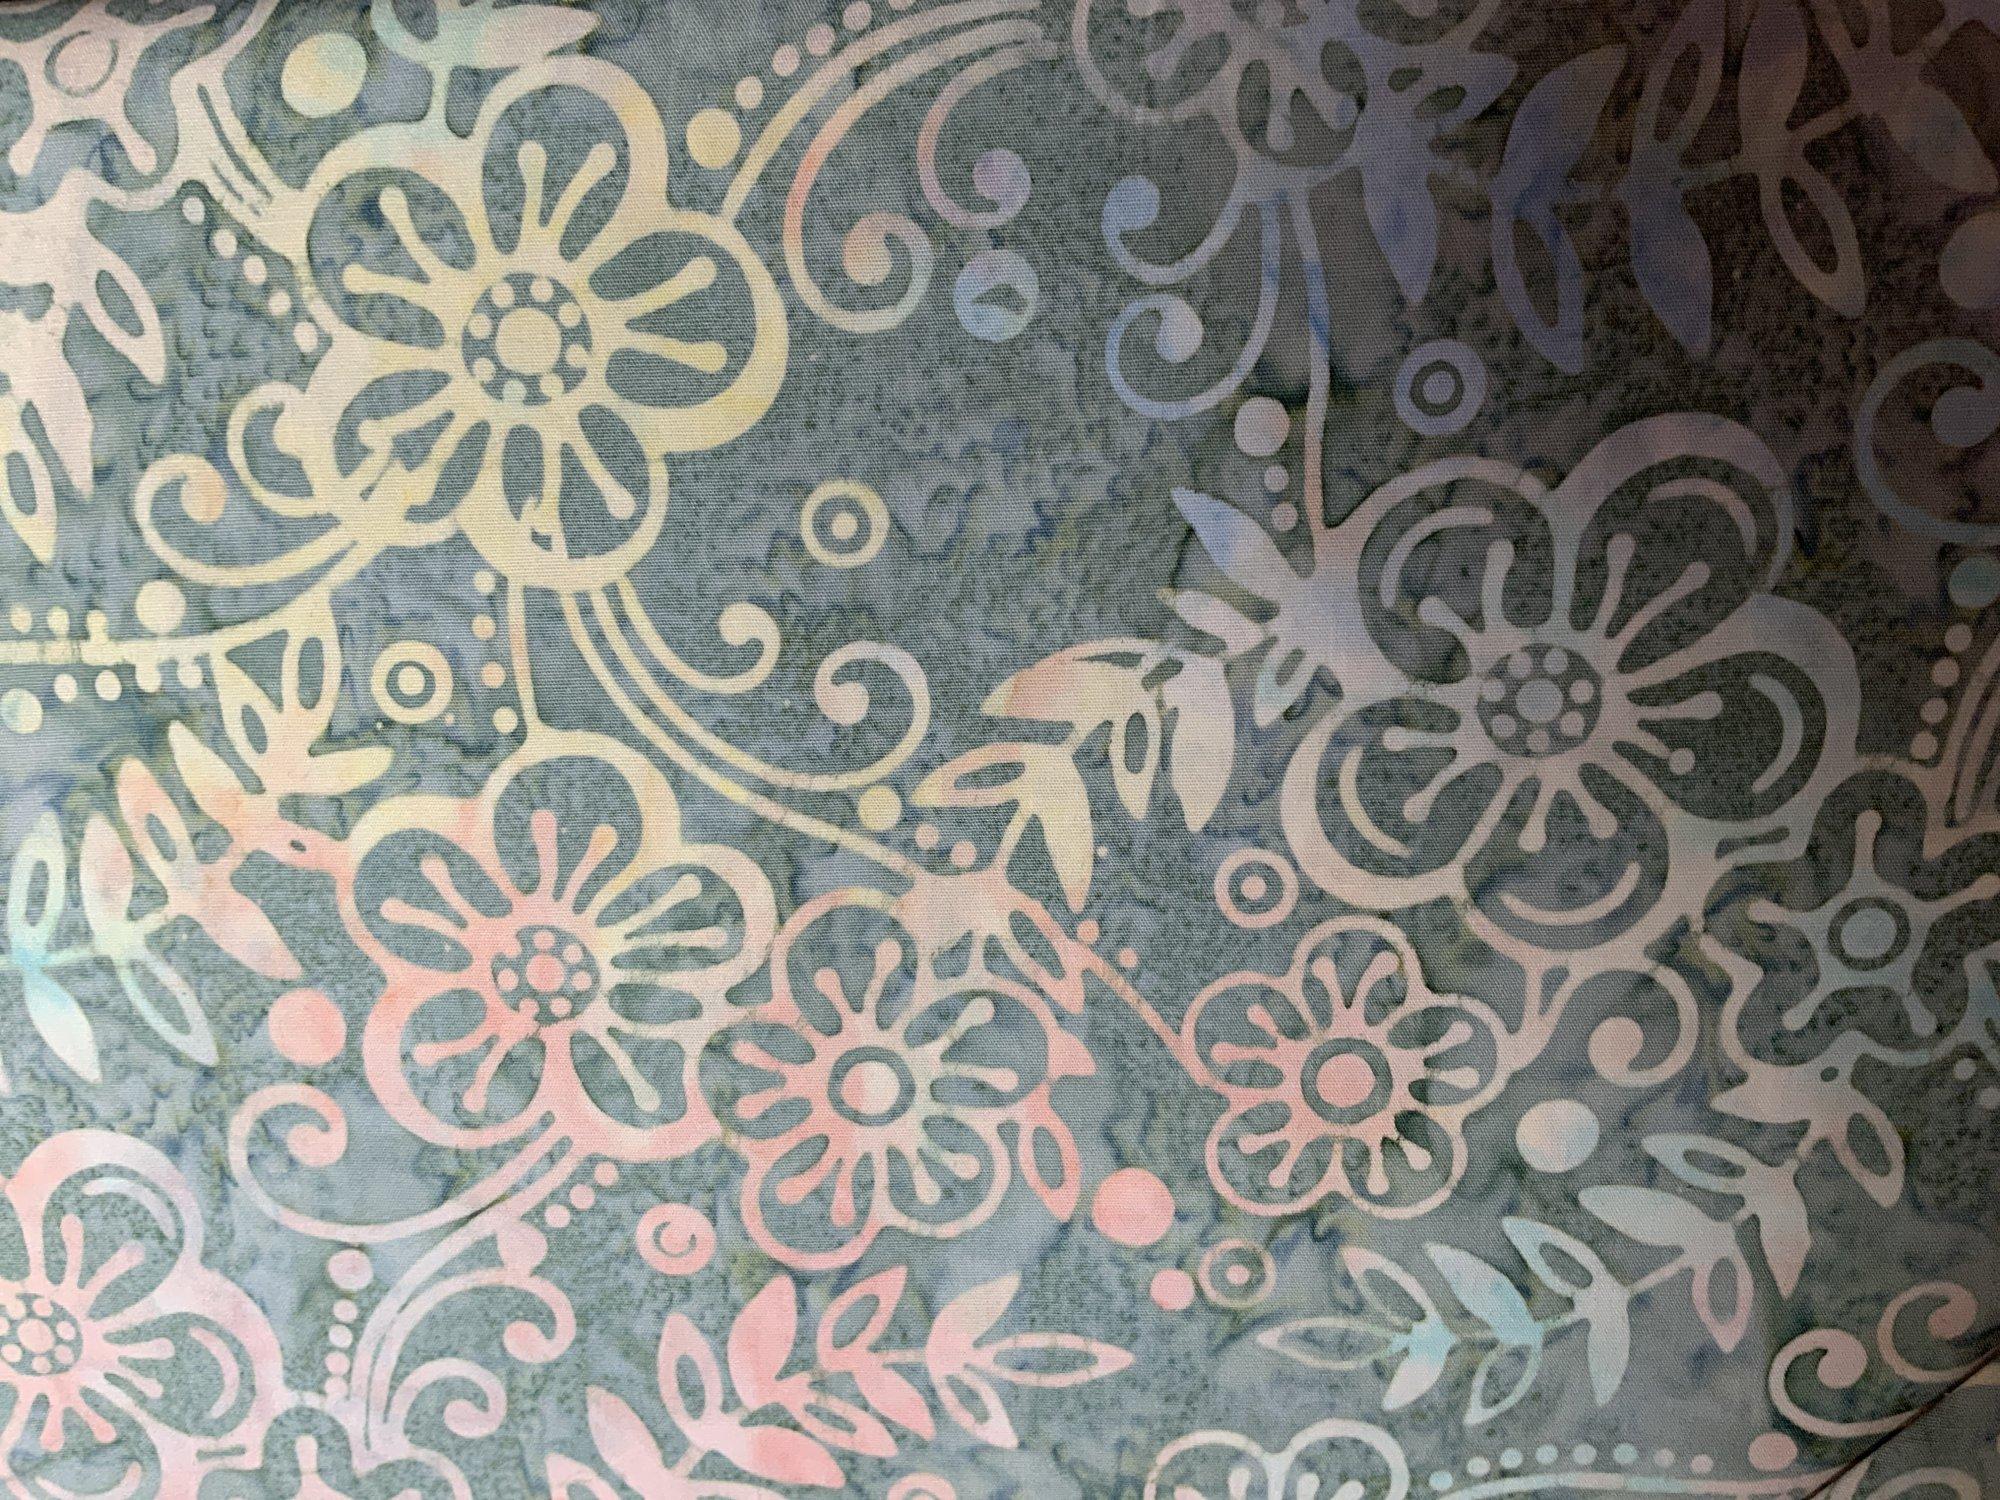 Pastel Floral on Teal Batik